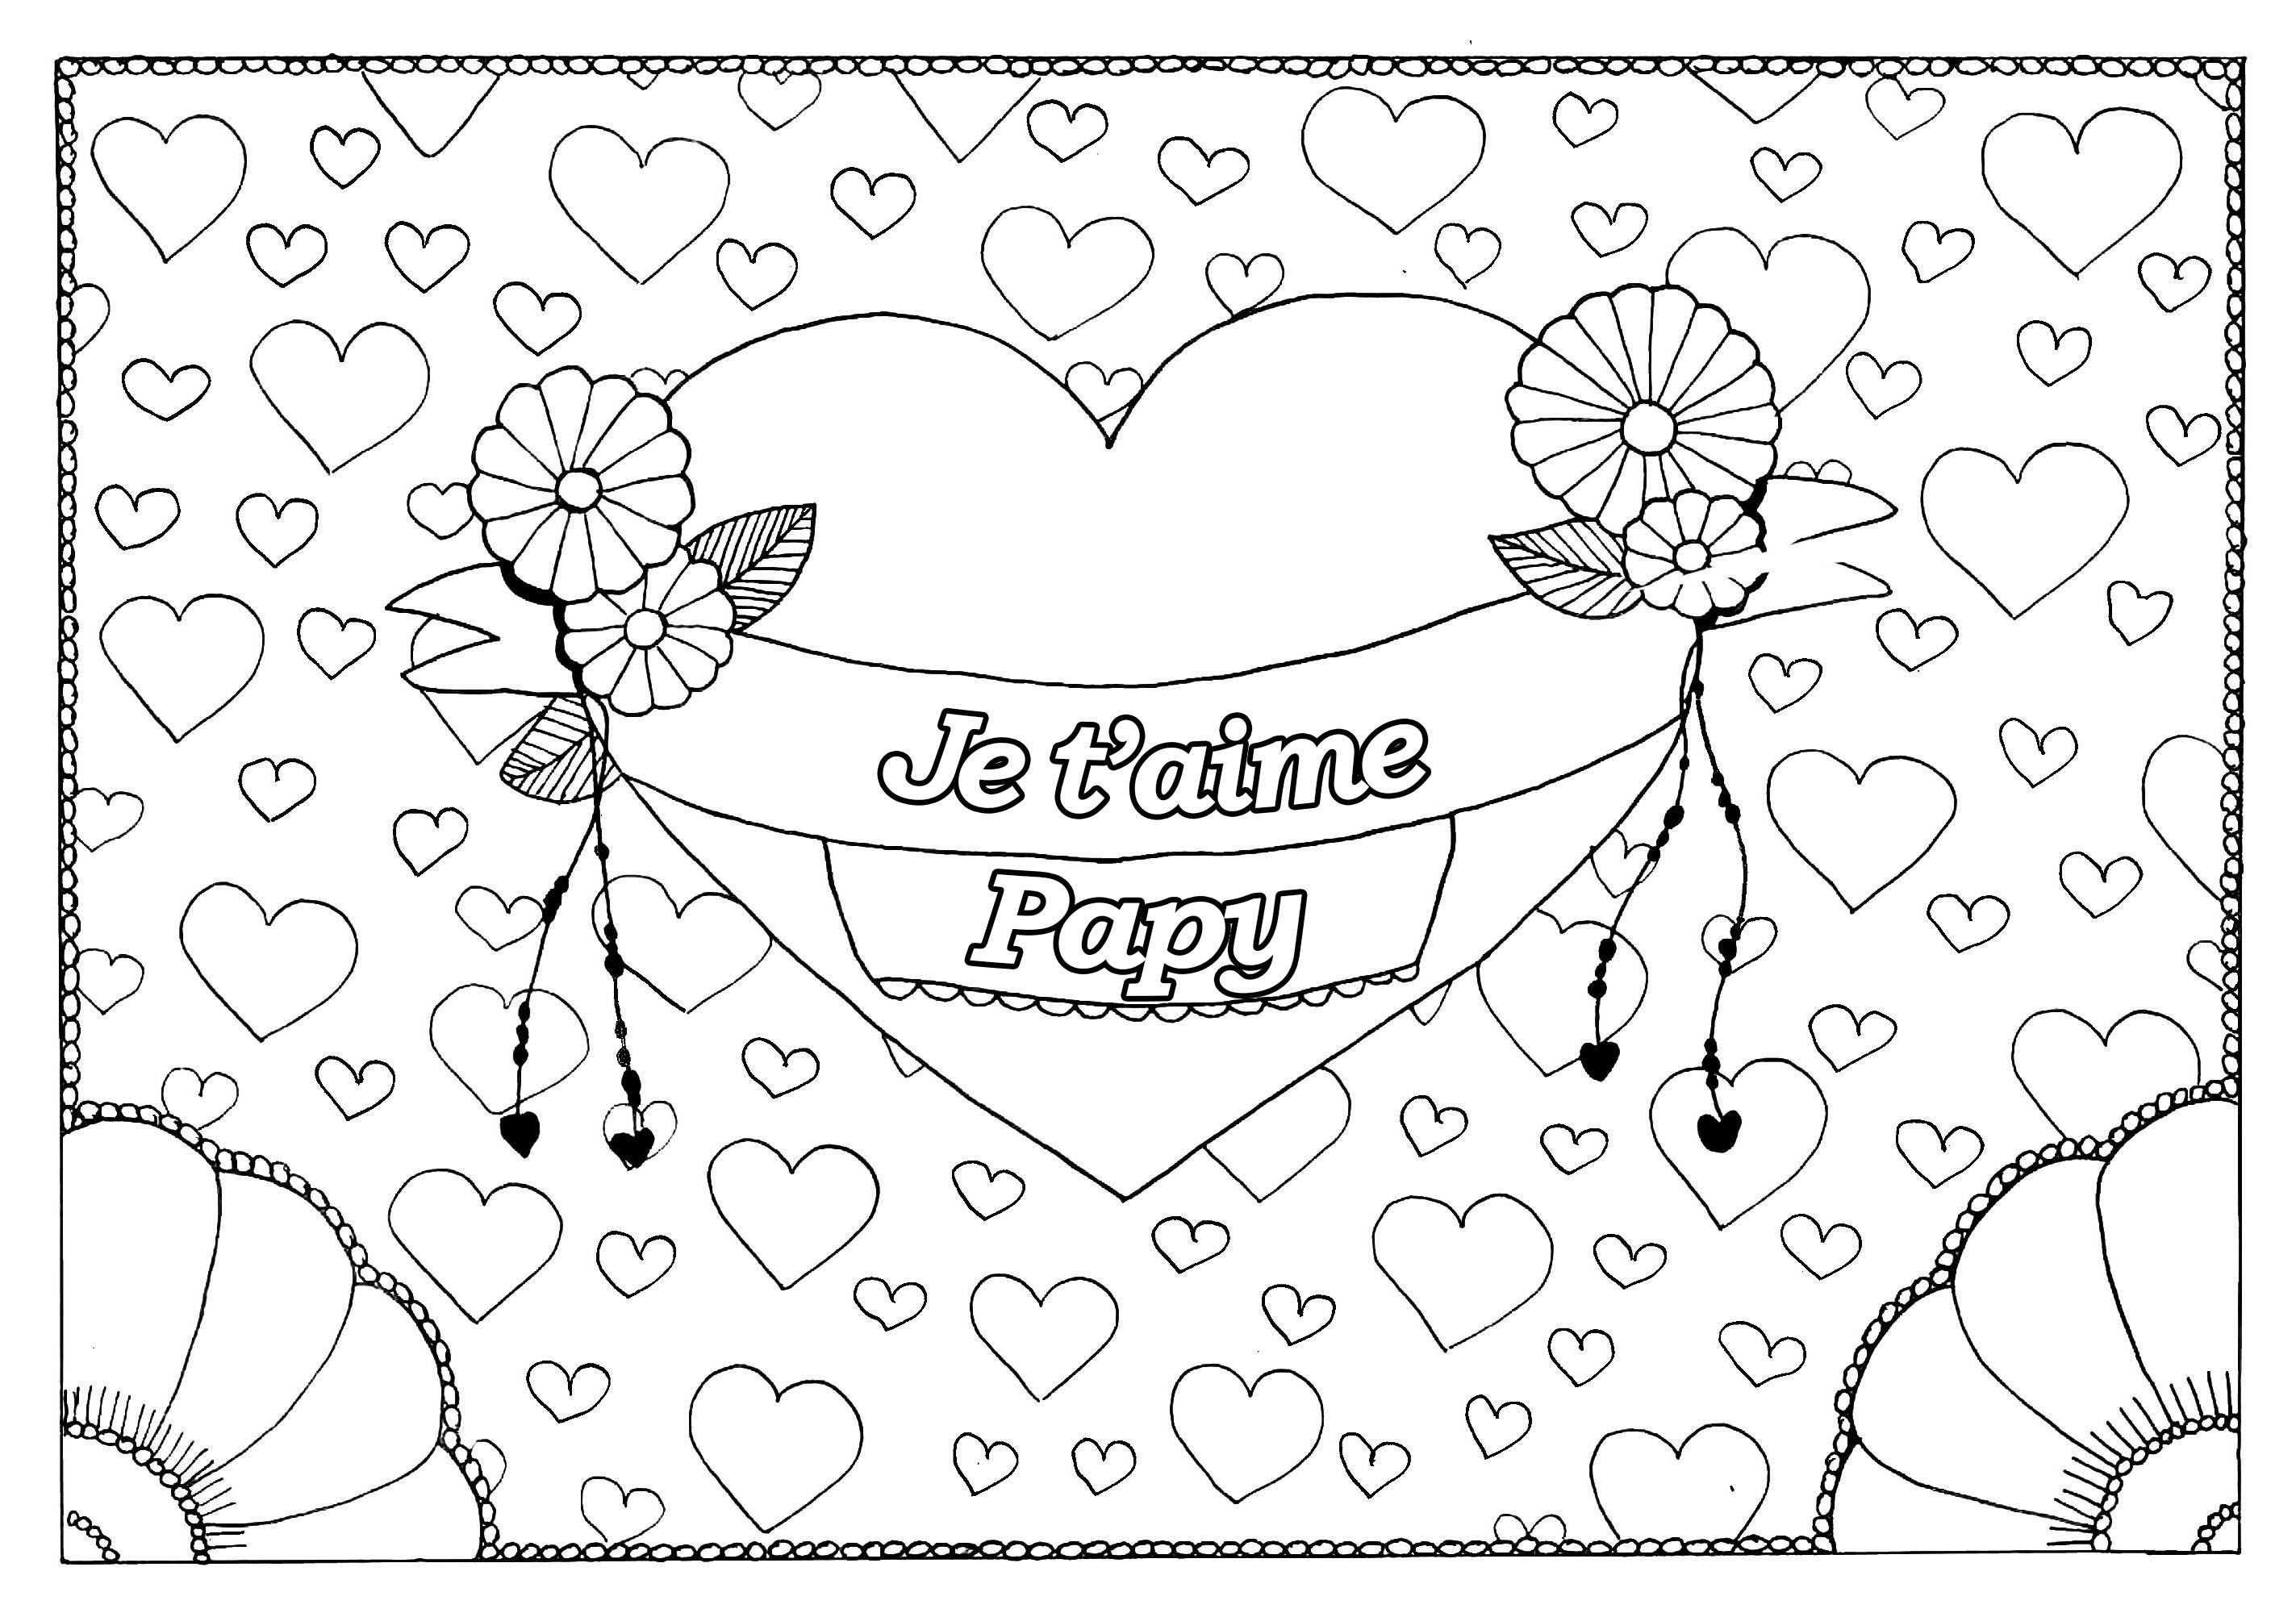 Coloriage spécial Fête des pères : Gros coeur et petits coeurs - Je t'aime Papy